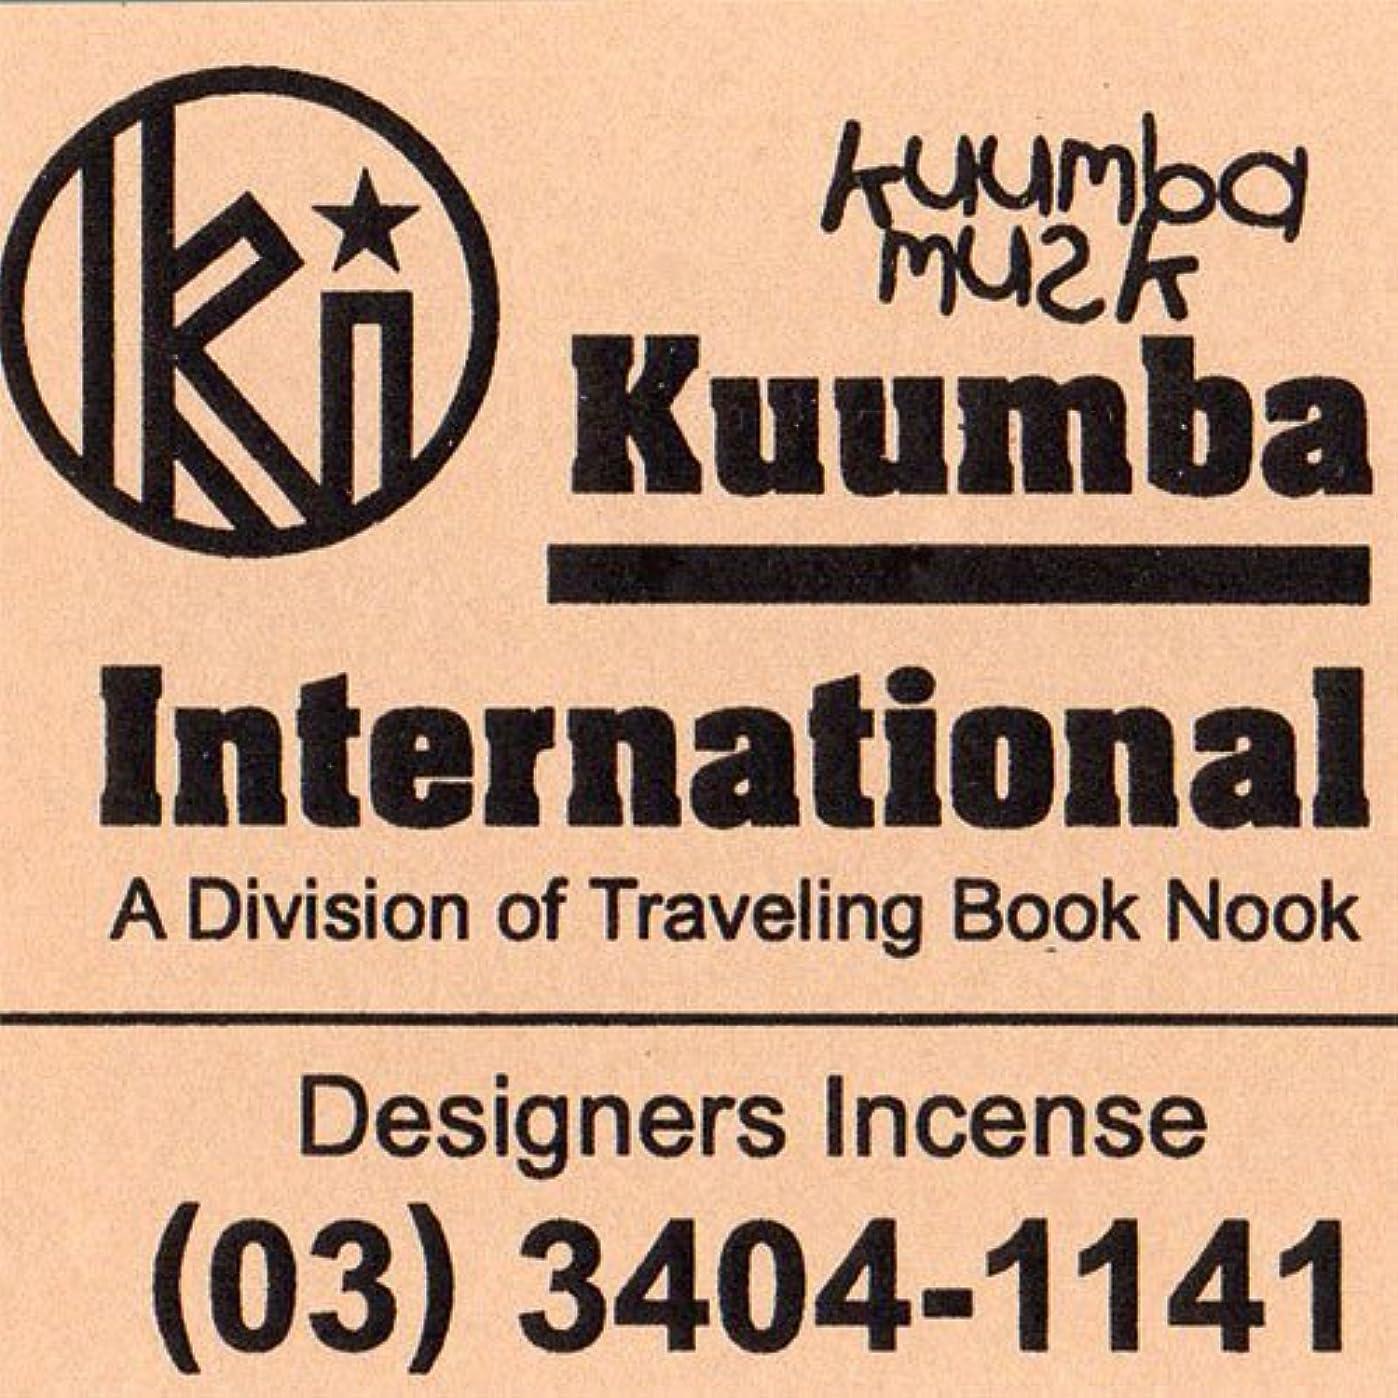 悲惨クラフト引くKUUMBA/クンバ『incense』(KUUMBA MUSK) (Regular size)